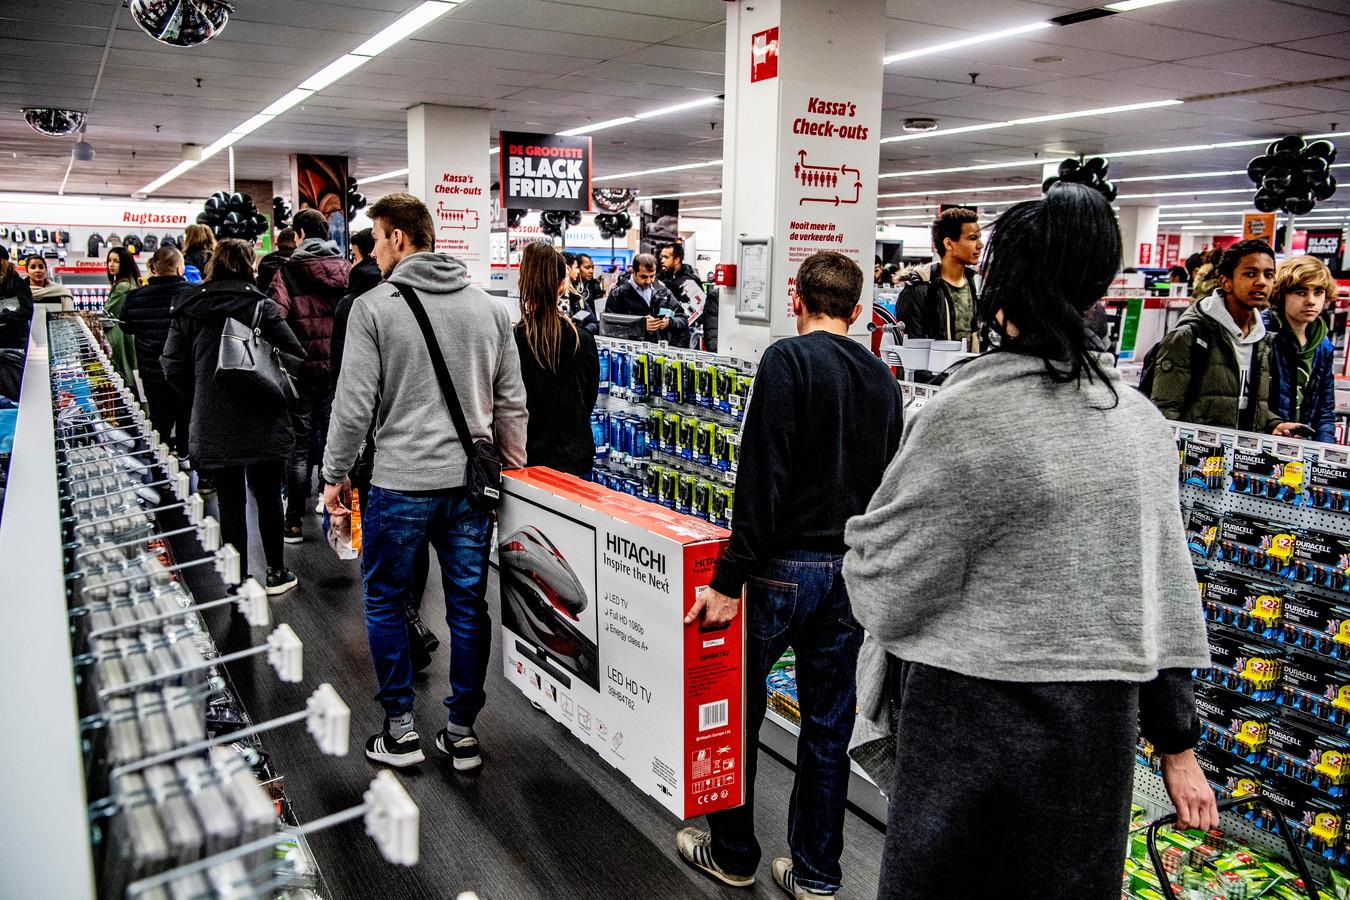 MediaMarkt is een van de grote bedrijven die stelt dat het kopen op afbetaling 'ernstig onder druk' komt te staan als de maximale rente die zij mogen doorbereken op tien procent blijft staan. De verlaging die minister Wopke Hoekstra heeft ingesteld is momenteel nog tijdelijk.